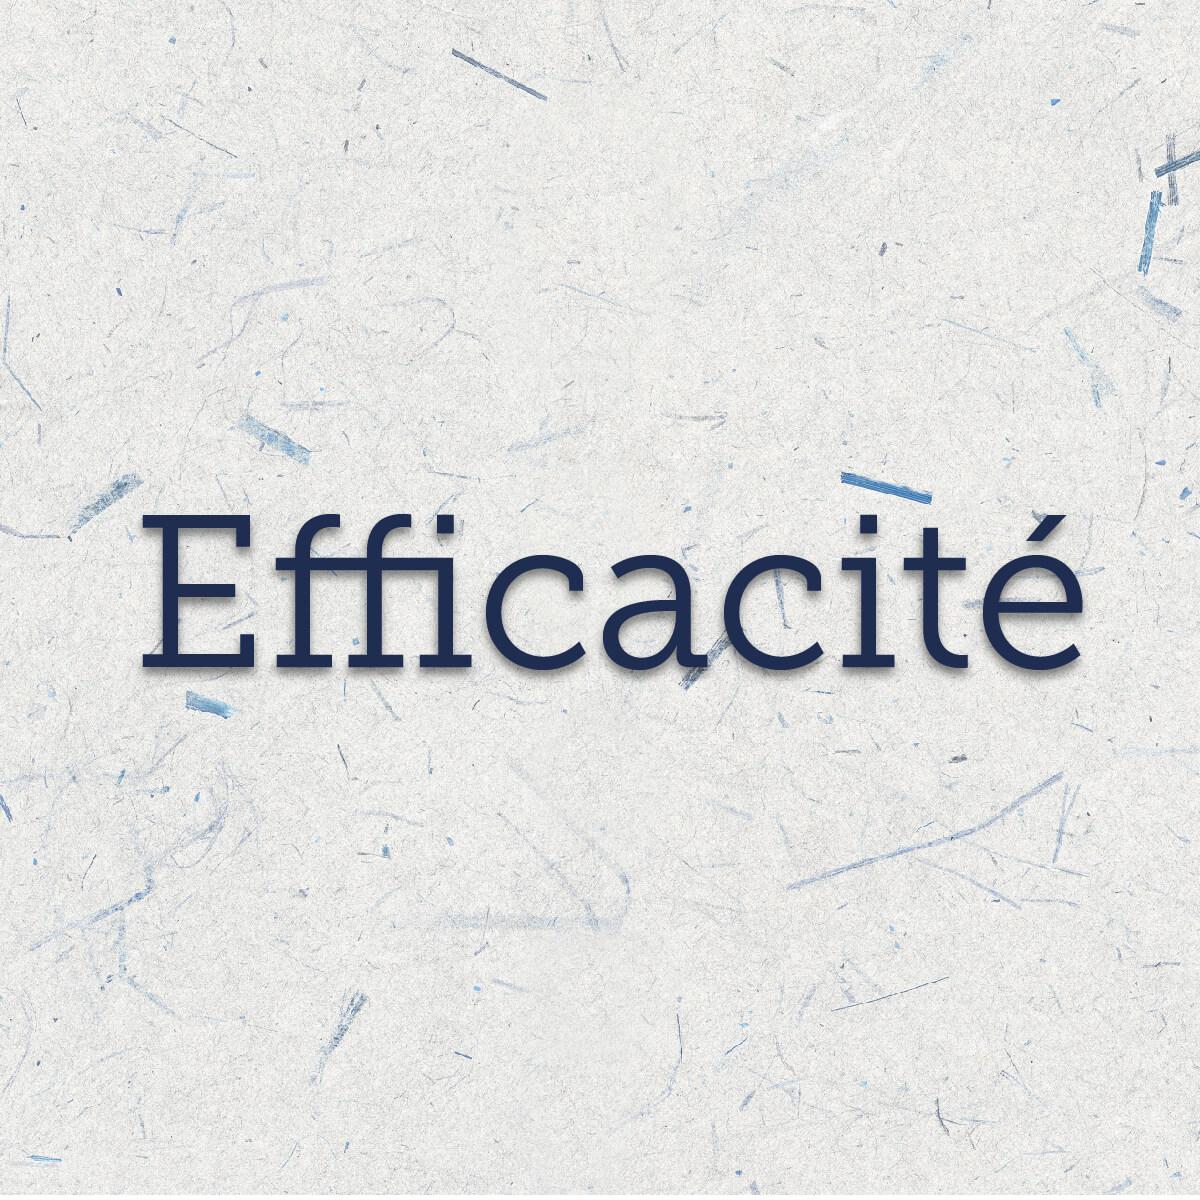 Efficacité : faculté de réaliser en un court laps de temps une séquence complète de façon réussie.